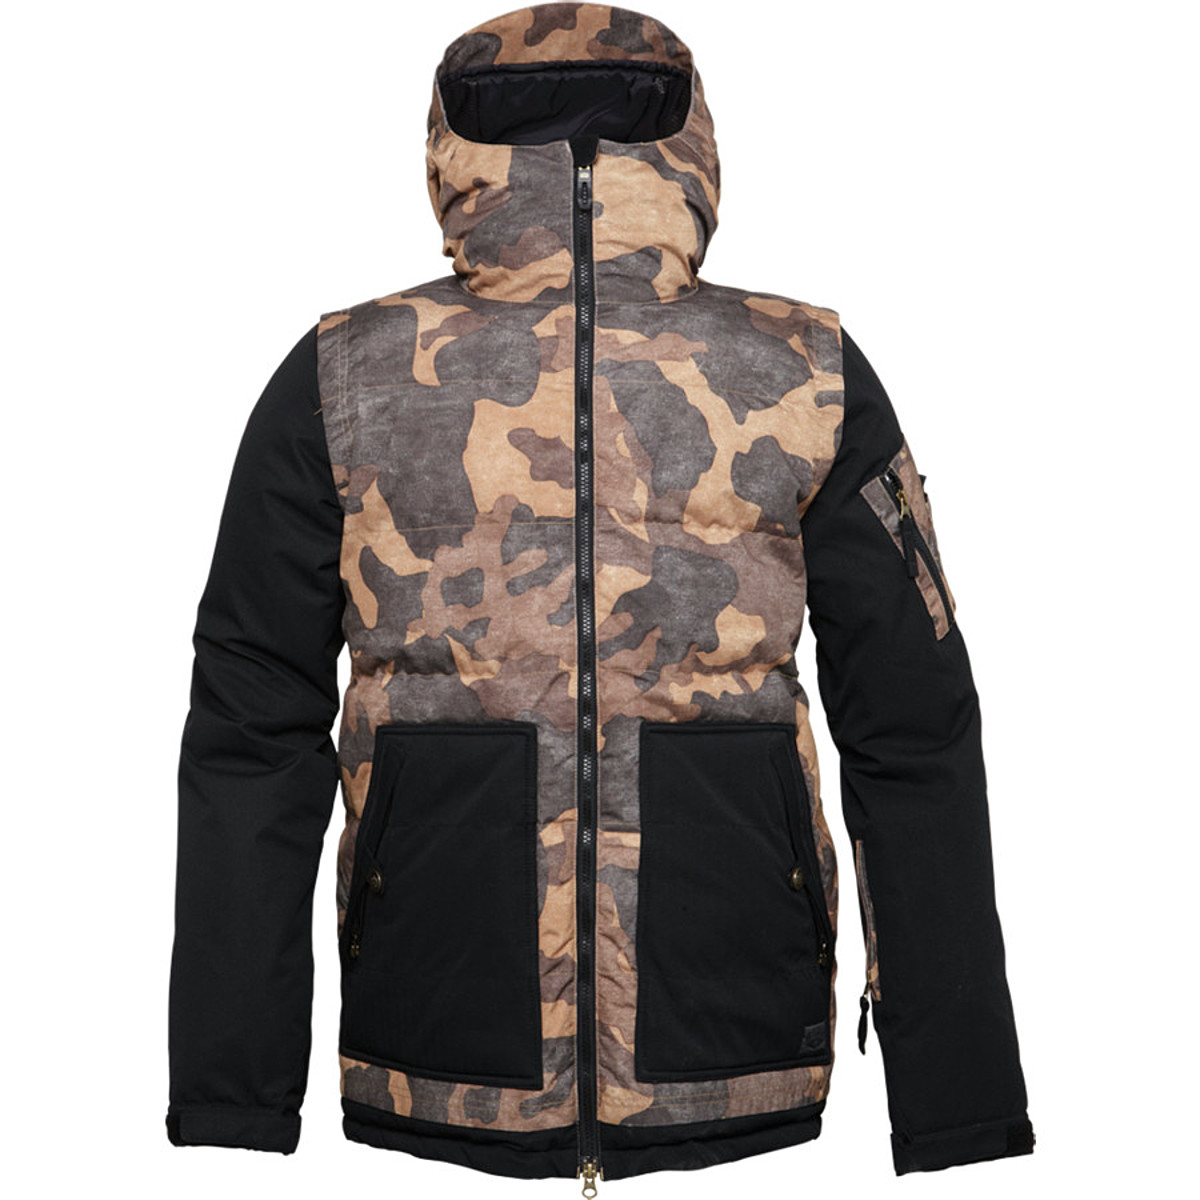 686 Authentic Surface Infiloft Jacket